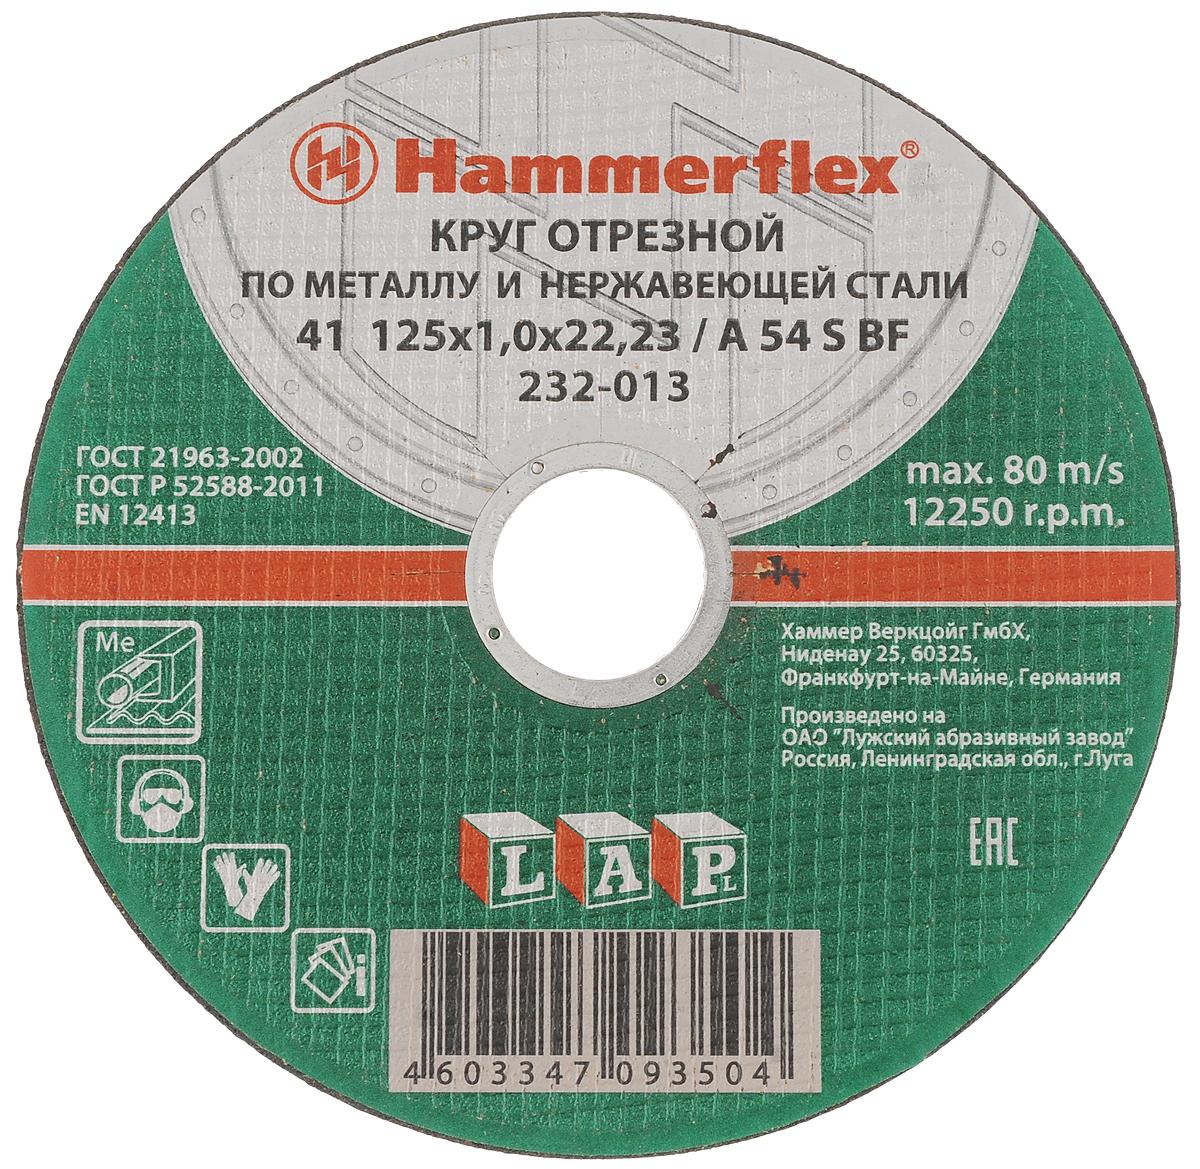 Круг отрезной по металлу и нержавеющей стали Hammerflex, 125 х 1,0 х 22,23 мм86893Круг отрезной FIT изготовлен из бакелита, армированного волокном. Используется для точного и ровного разрезания материалов из различных сталей и сплавов, включая нержавеющую сталь. Предназначен для установки на углошлифовальные машины (болгарки). Прочная армирующая сетка гарантирует высокую износостойкость диска и сопротивление на излом. Позволяет выполнять работы на высоких скоростях (до 12250 оборотов в минуту).